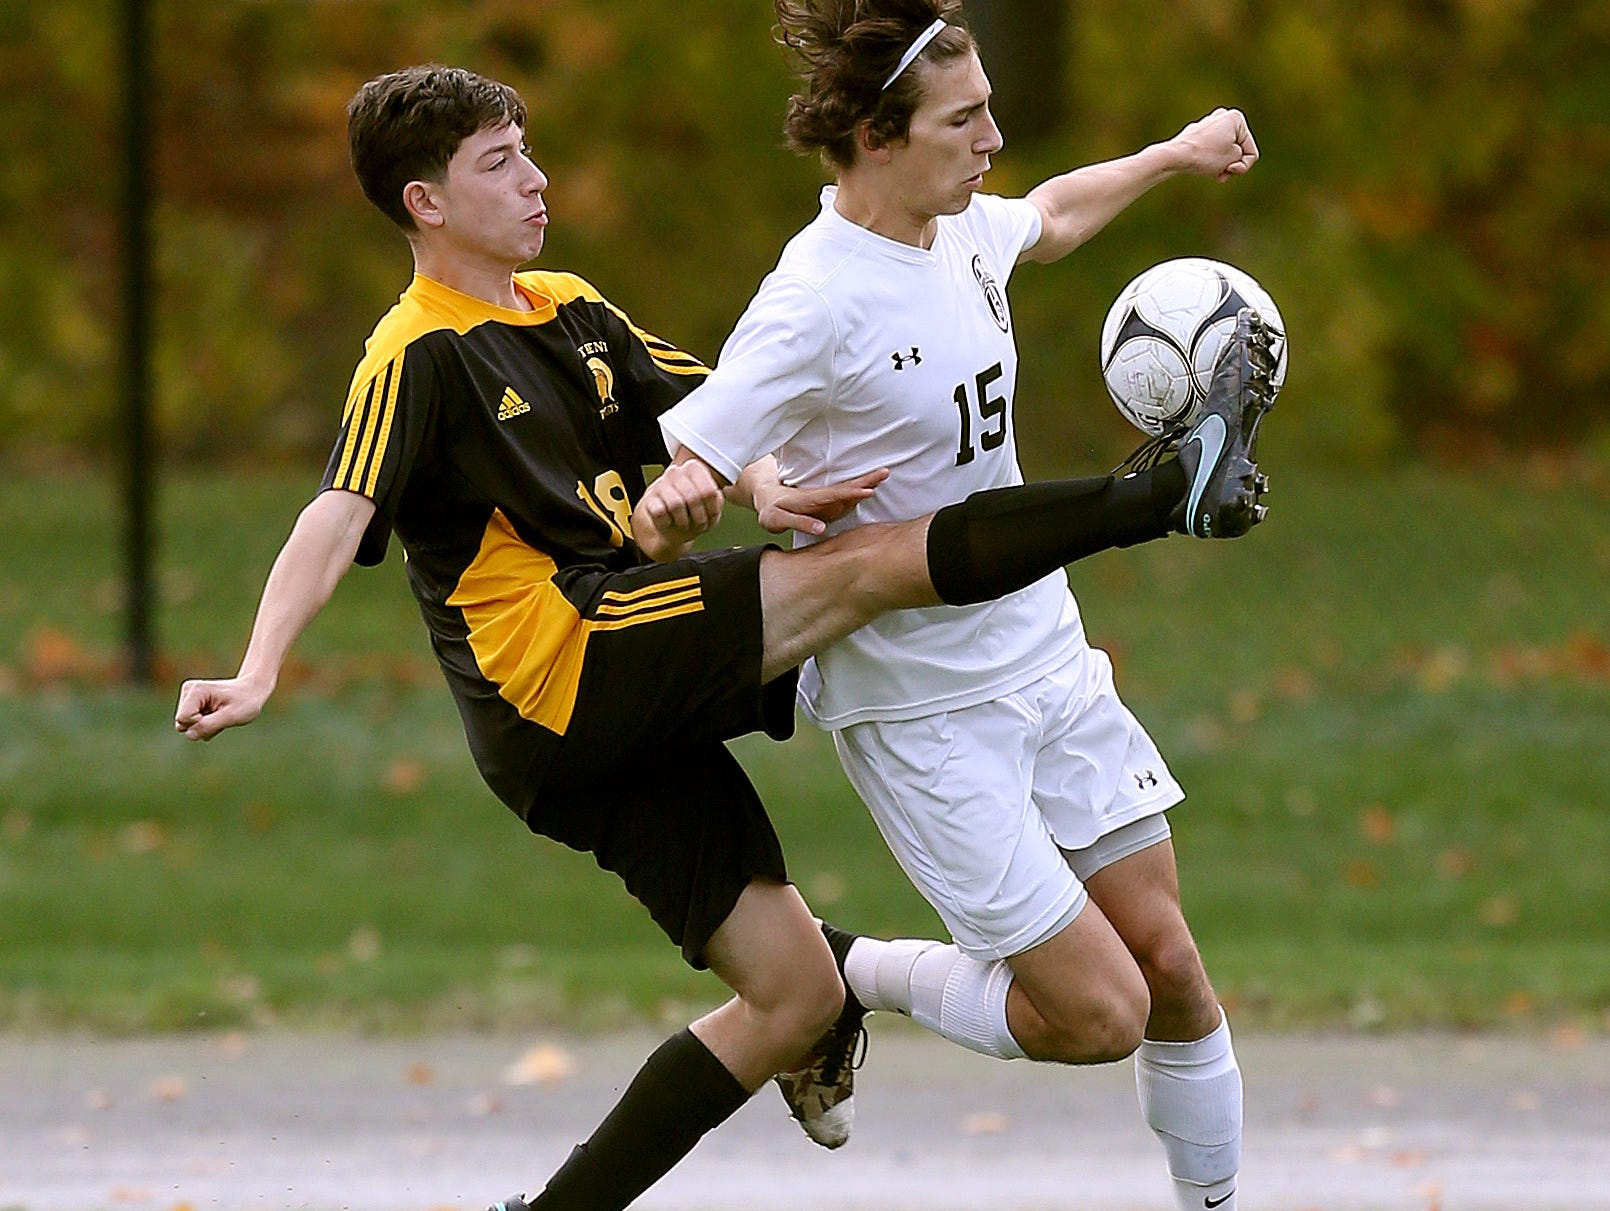 Athena's Bryan Testa (18) tries to play the ball around HFL's Kieran Papalia.